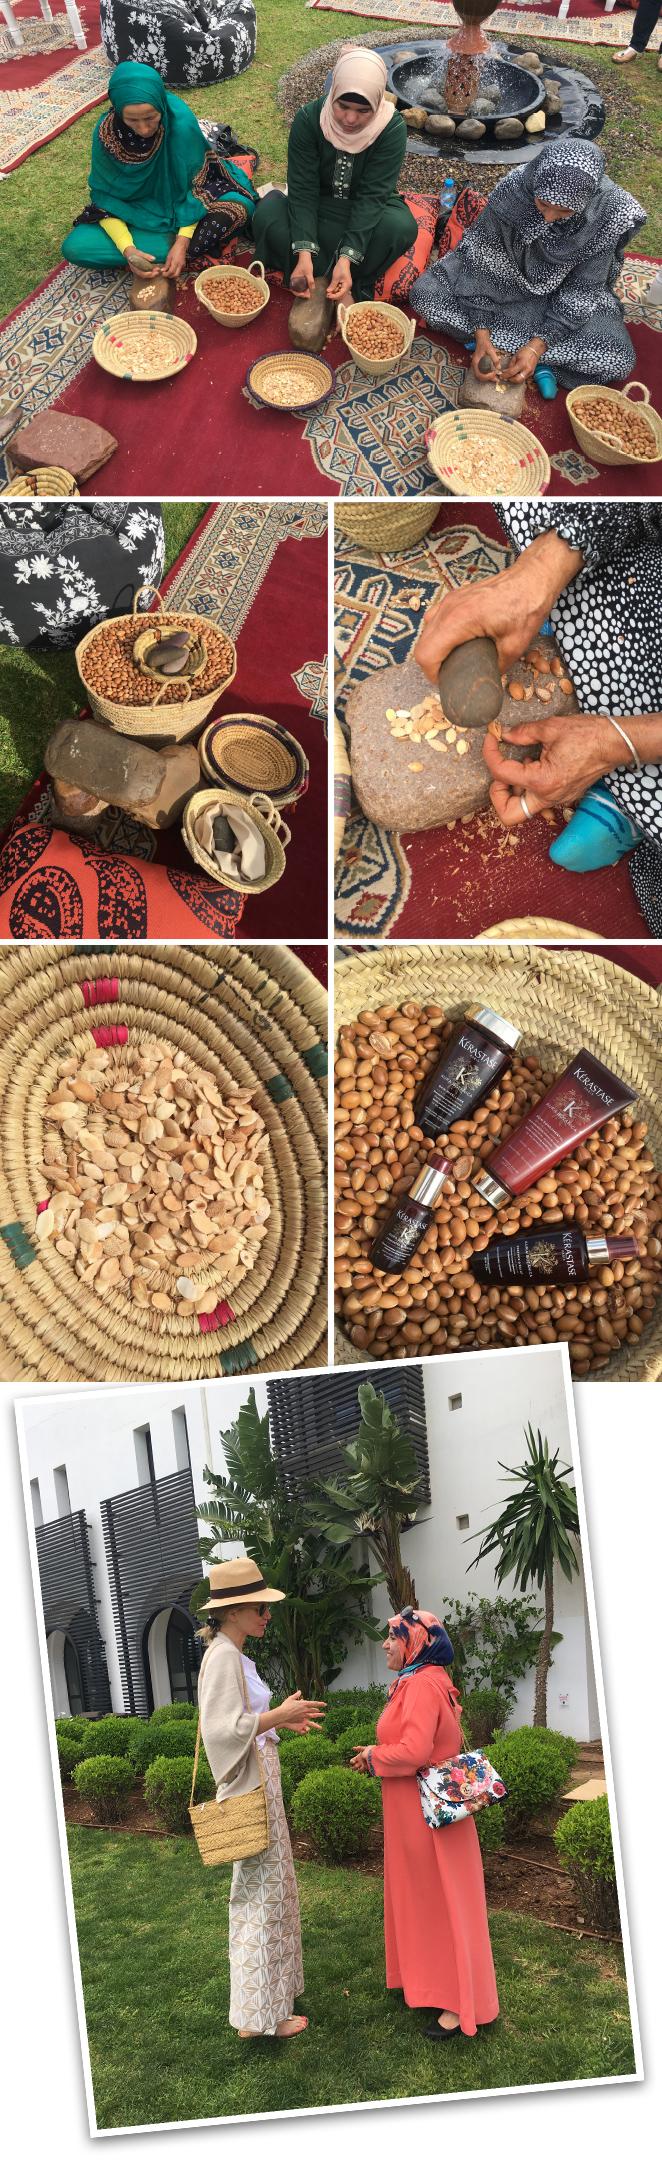 Para la obtención del aceite de Argán, KÉRASTASE colabora con las cooperativas de mujeres marroquíes, de ahí que nuestro viaje se iniciará en Agadir (Marruecos). A través de la colaboración con estas cooperativas que se dedican a la obtención del aceite se contribuye al empoderamiento de la mujer, potenciando su desarrollo profesional, dotando a su familia de medios y a sus hijos de educación, beneficiando de este modo a comunidades desfavorecidas.